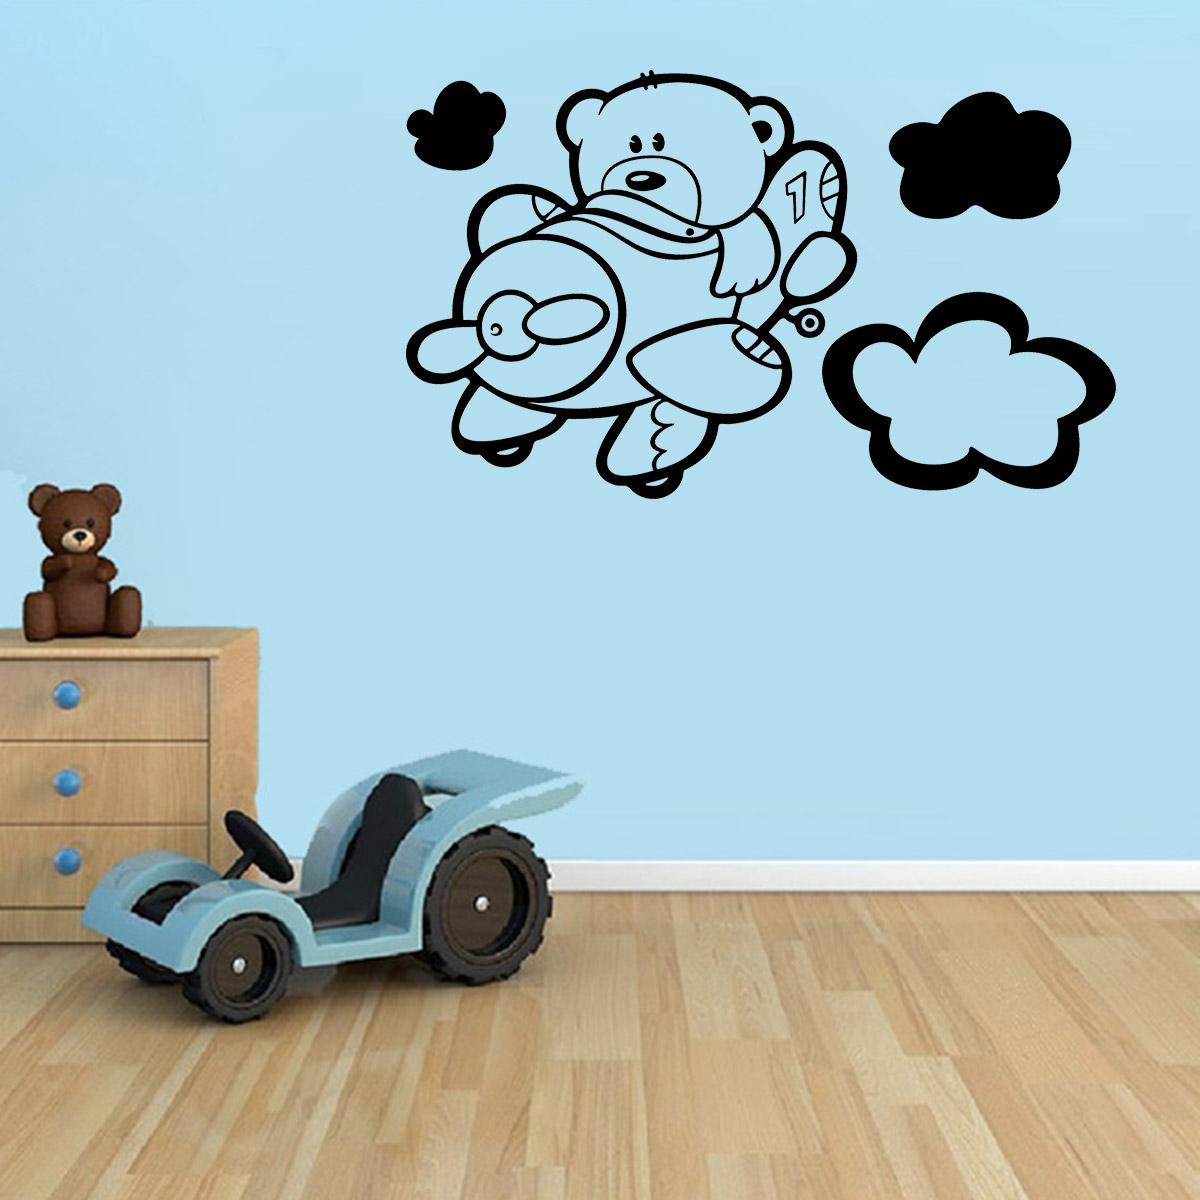 Adesivo Para Moto Z Play ~ Adesivo de Parede Infantil Urso no Avi u00e3o